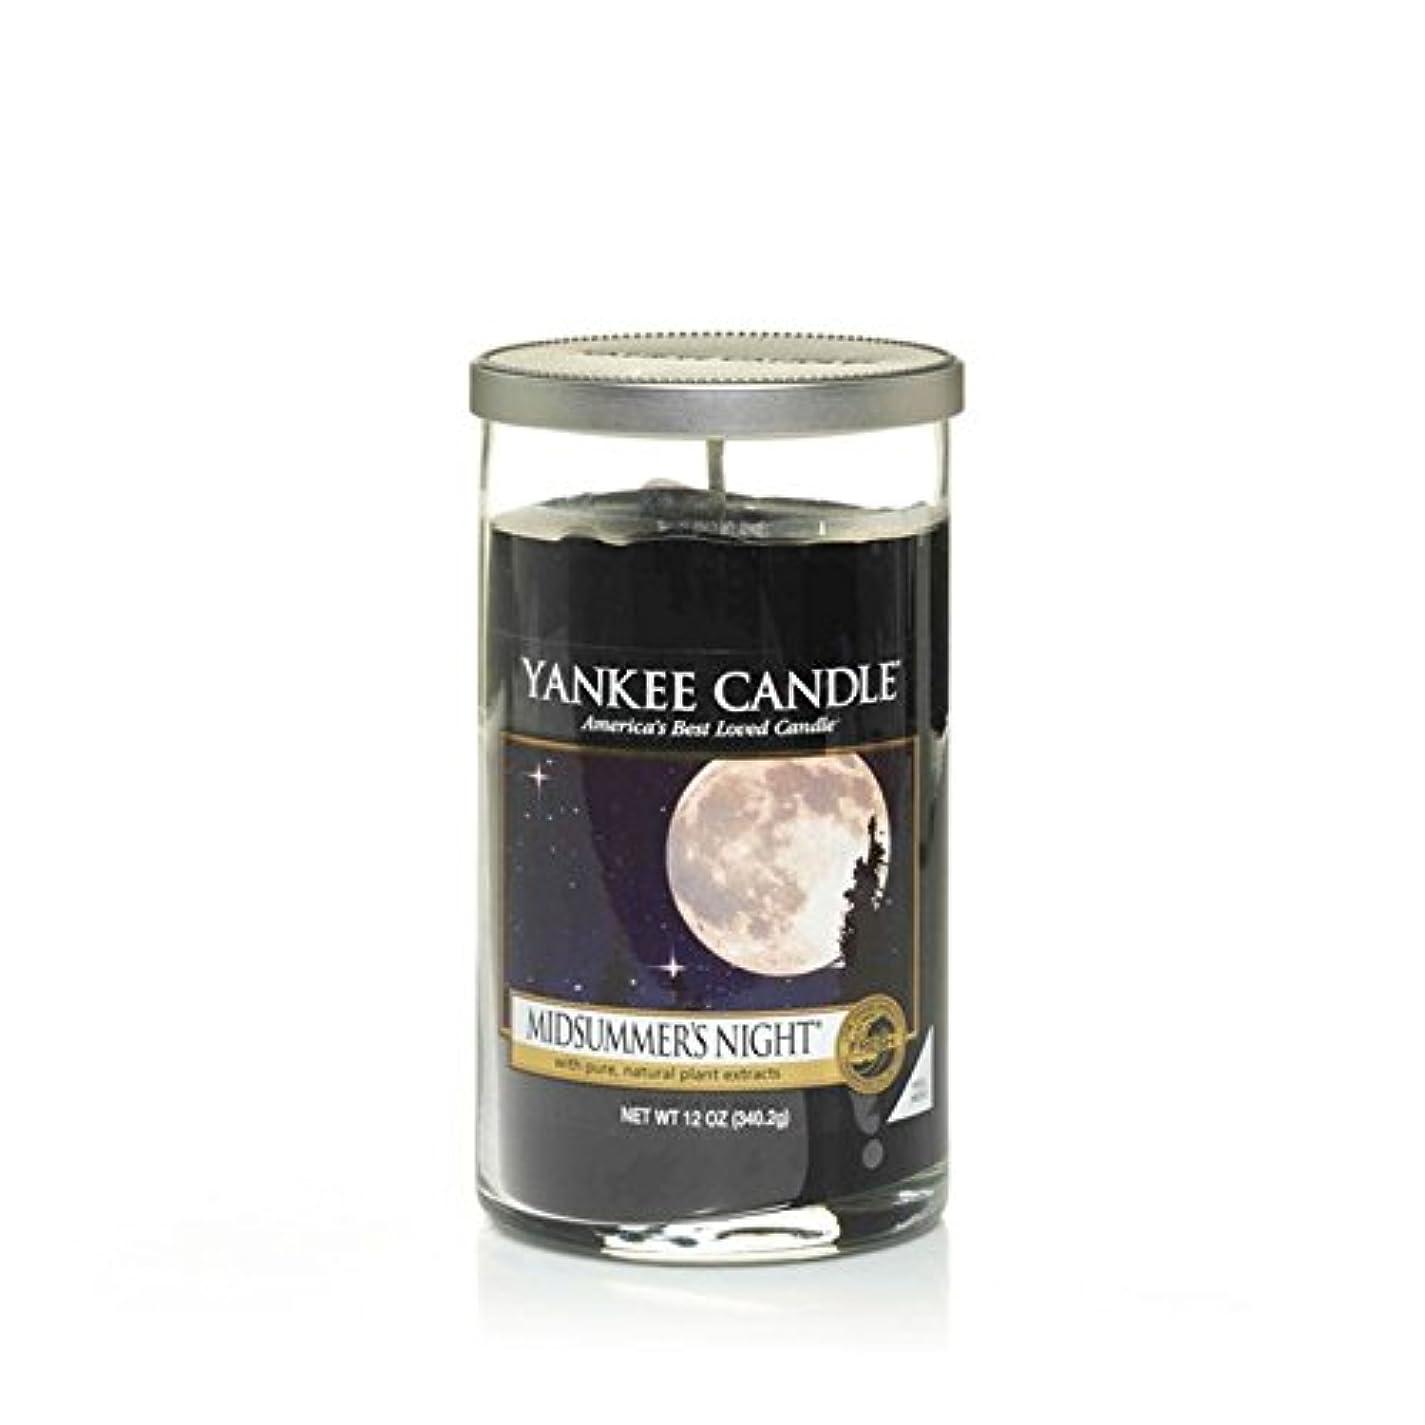 暖かくベーカリー文明化Yankee Candles Medium Pillar Candle - Midsummers Night (Pack of 2) - ヤンキーキャンドルメディアピラーキャンドル - Midsummersの夜 (x2)...